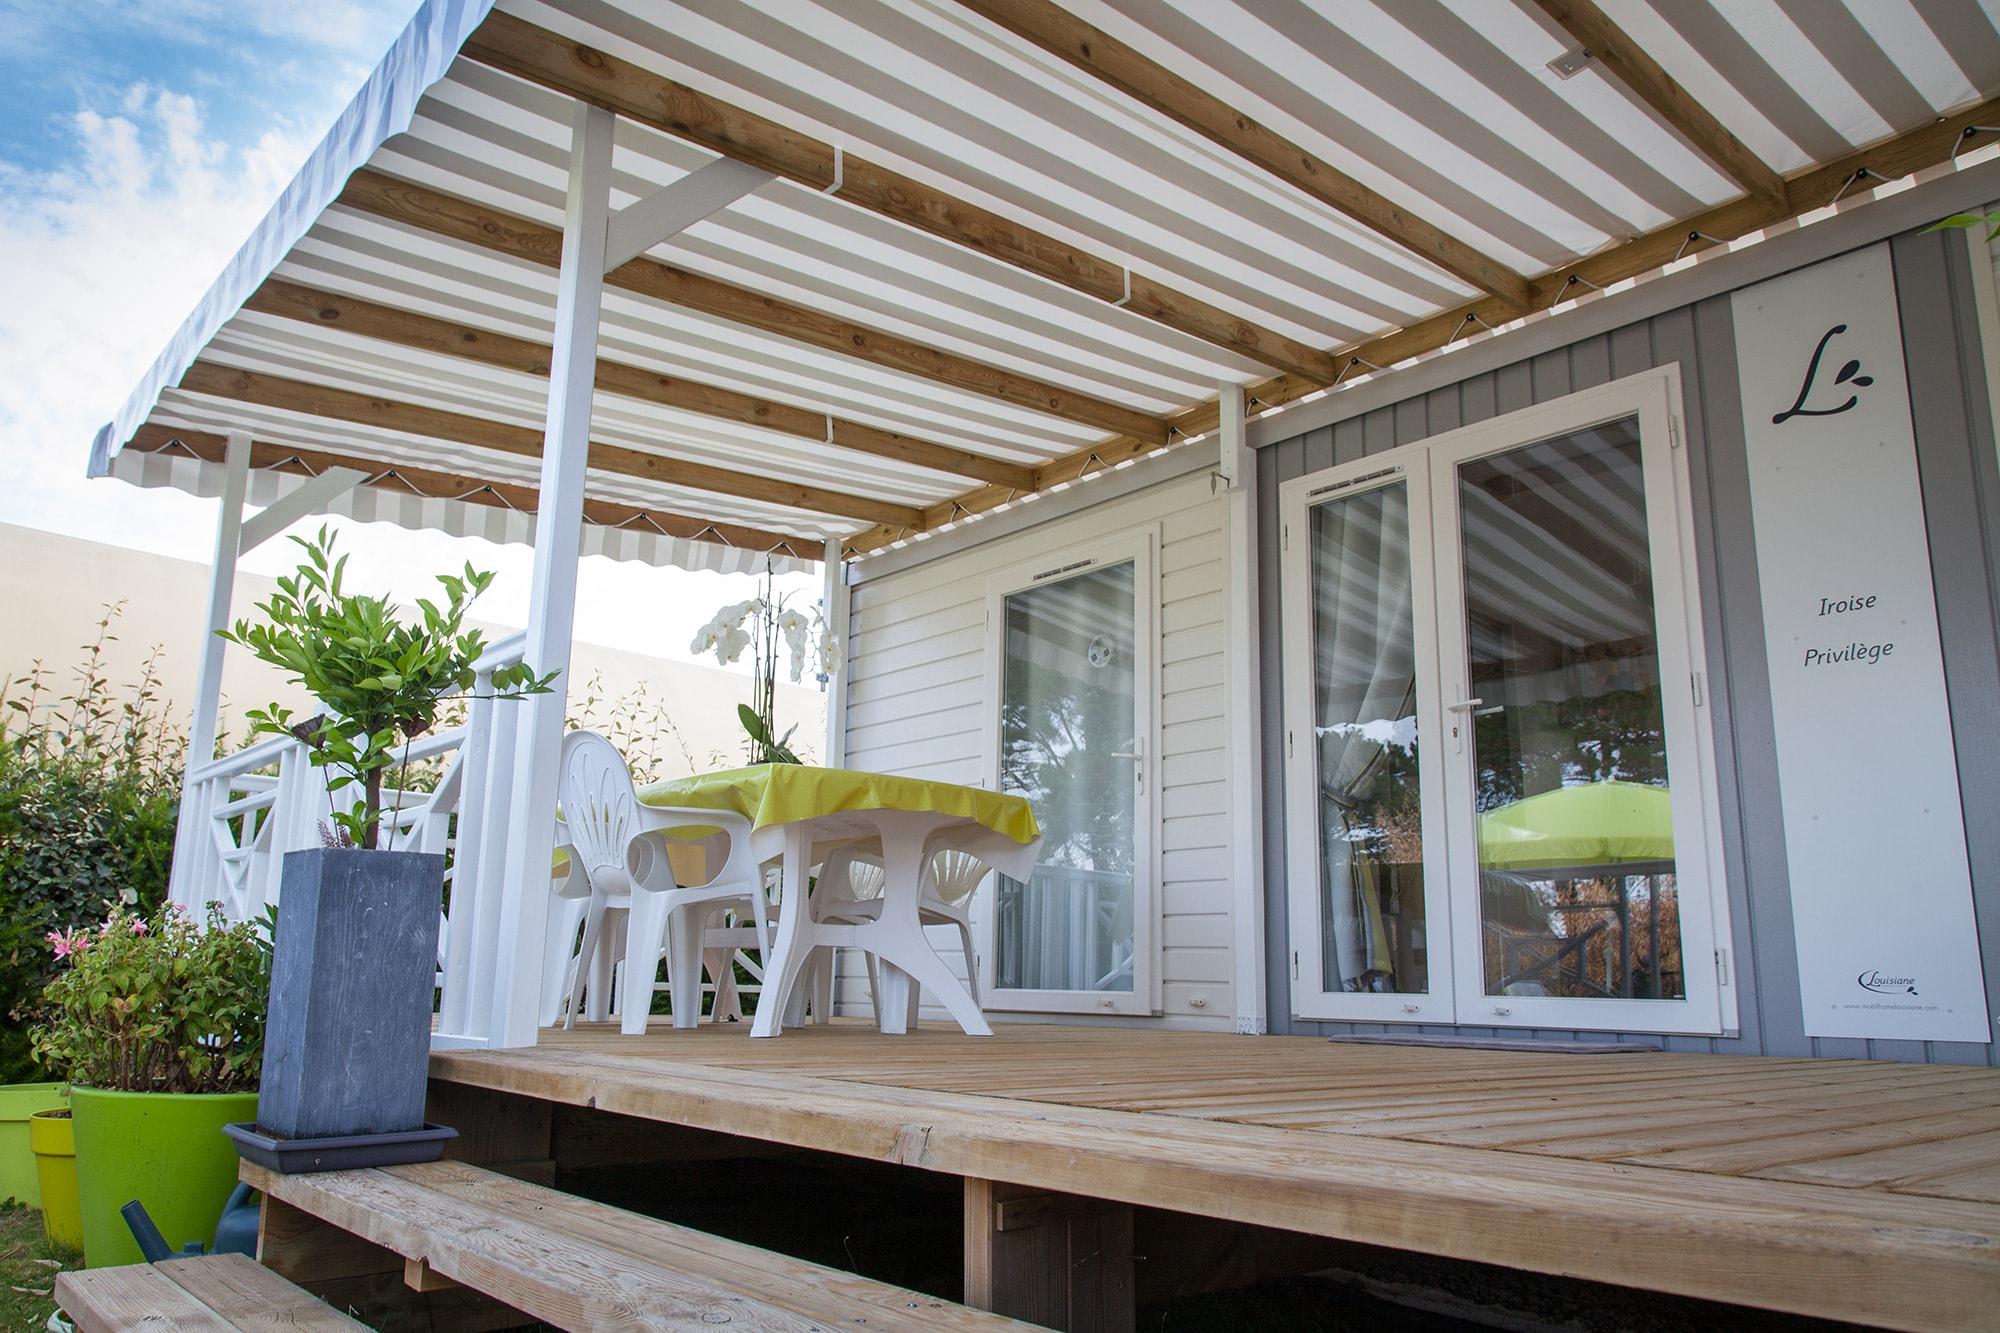 Couvertures terrasses pour mobil homes bâche PVC ou